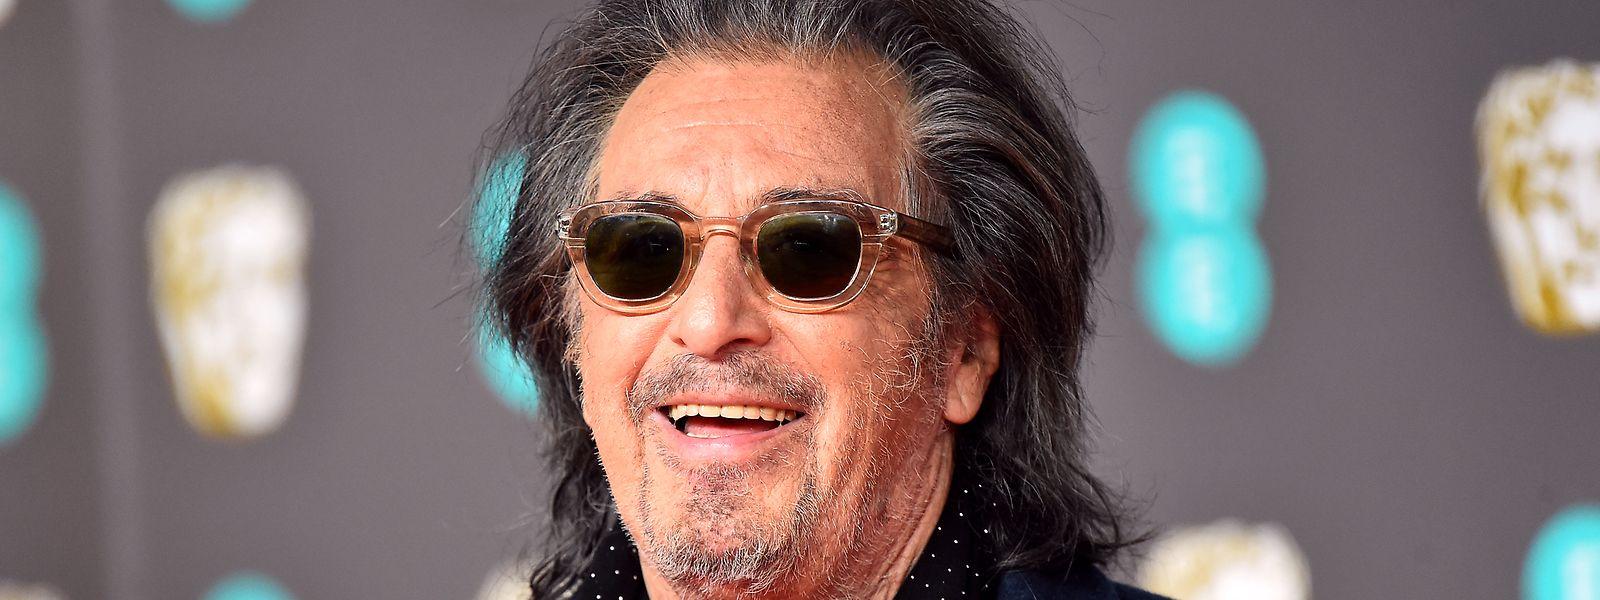 Hollywoods Außenseiter Al Pacino wird mit 80 zum Serien-Star.